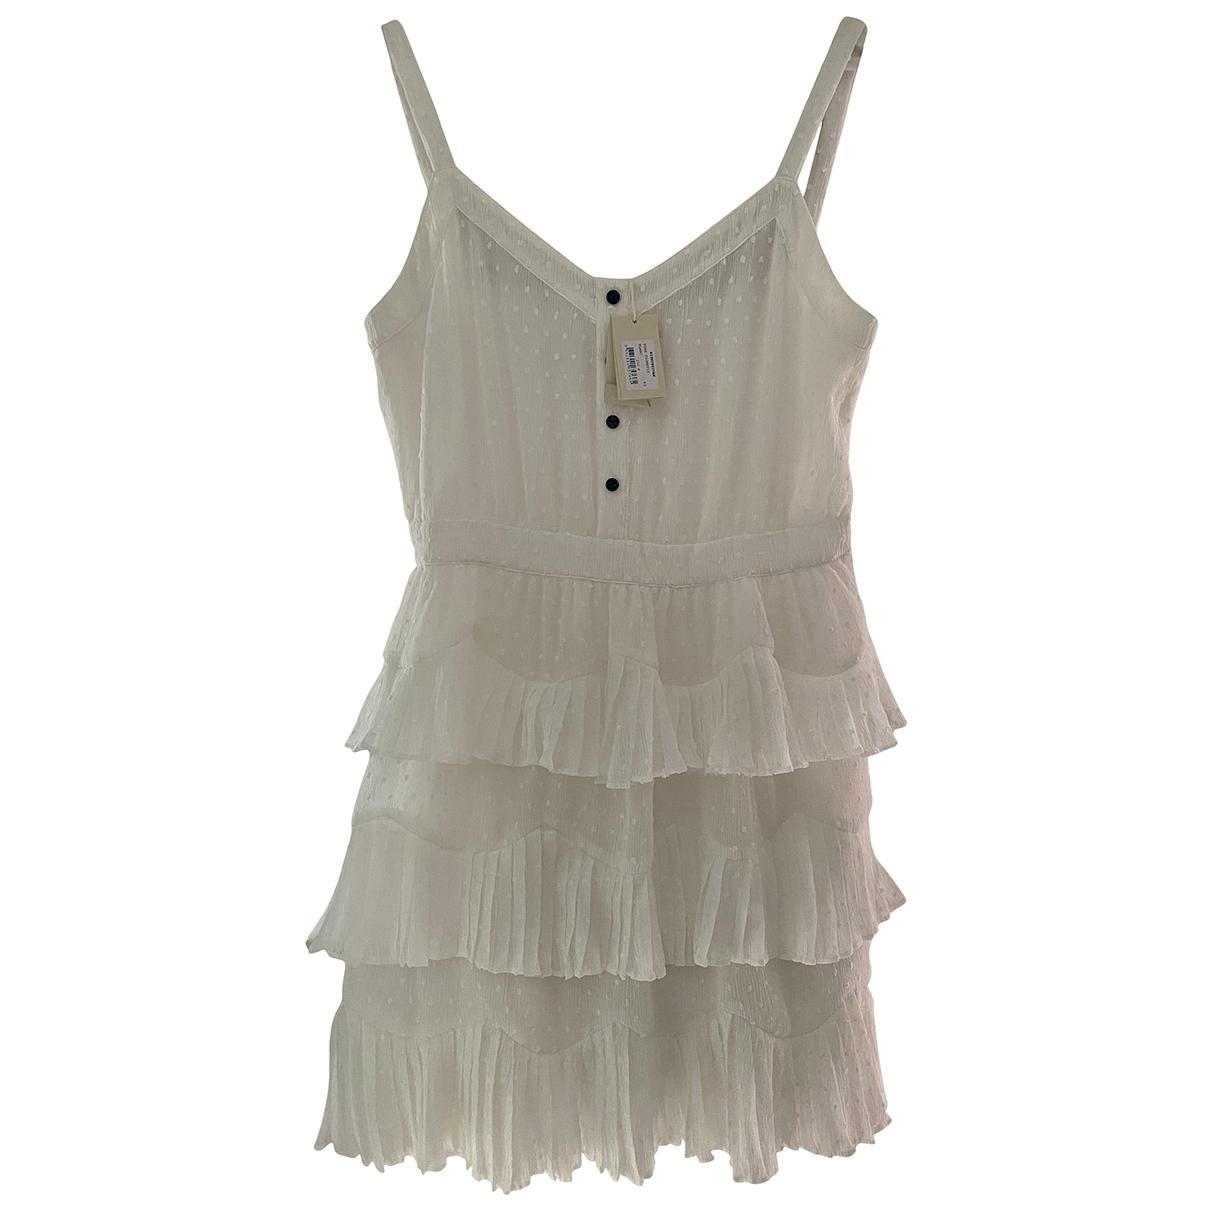 Maje Spring Summer 2019 White dress for Women 40 FR